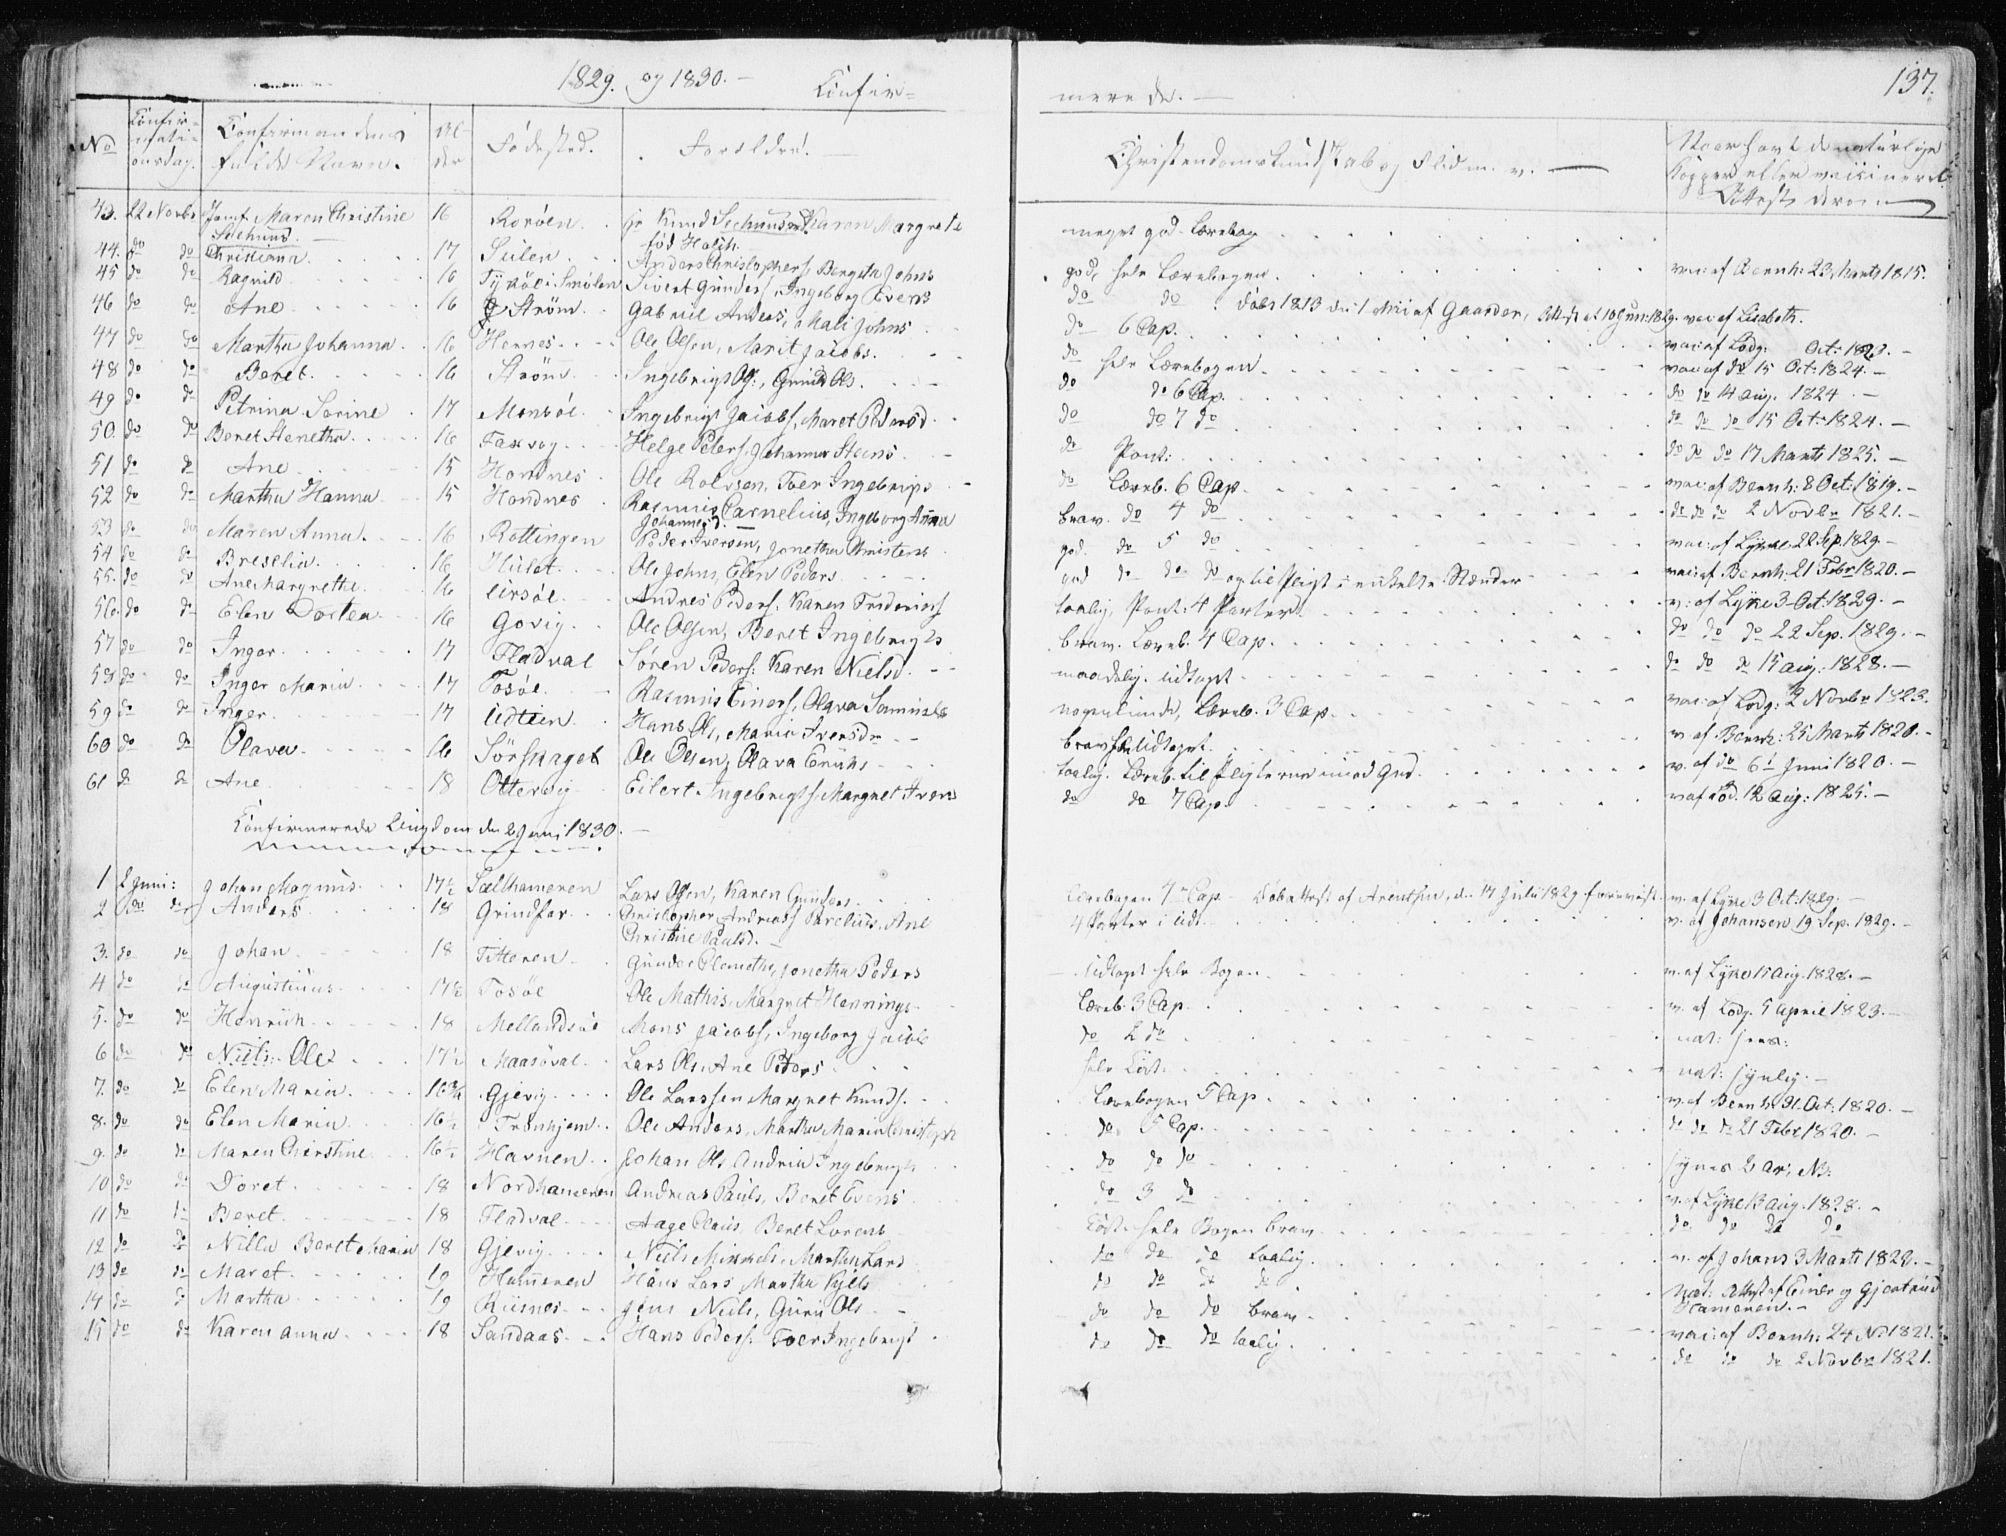 SAT, Ministerialprotokoller, klokkerbøker og fødselsregistre - Sør-Trøndelag, 634/L0528: Ministerialbok nr. 634A04, 1827-1842, s. 137